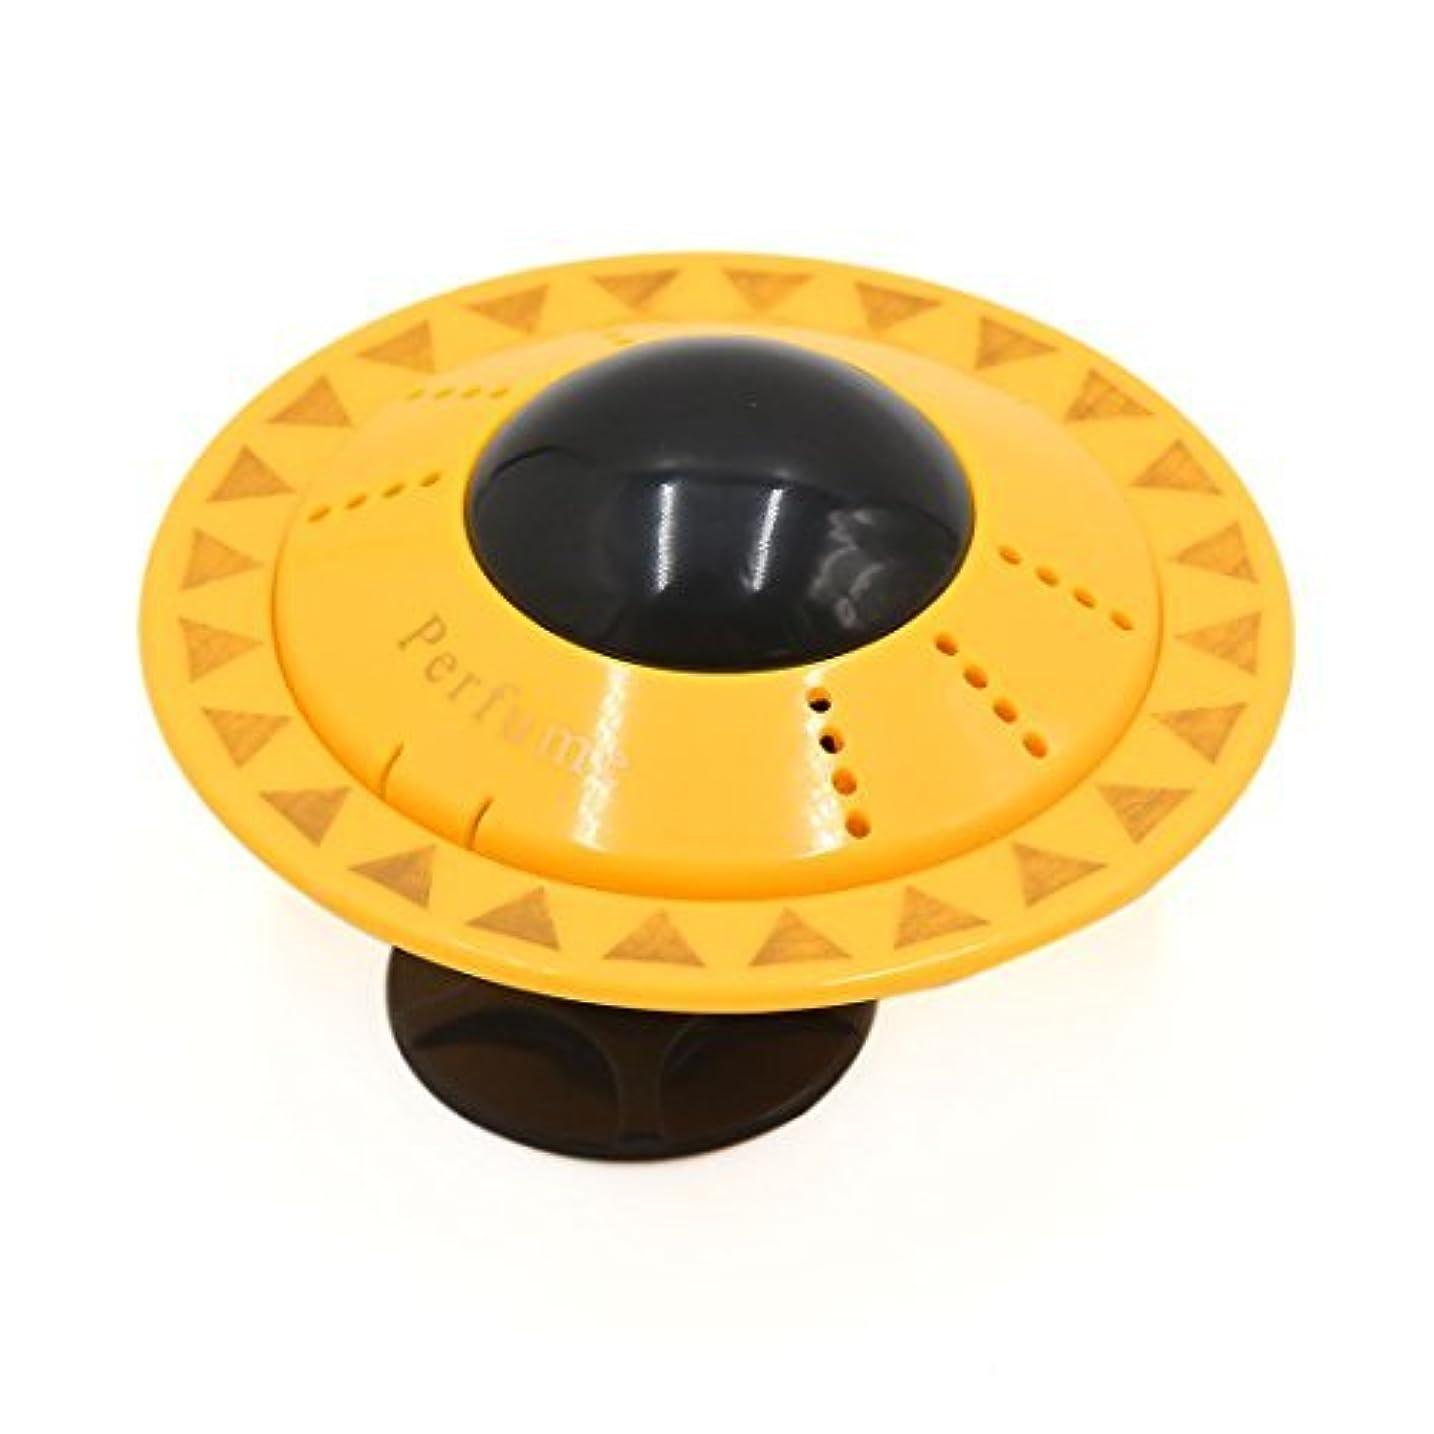 流用する動かす請うDealMuxイエローUFO形のデザインカー香水ブロックフレグランスディフューザーエアーフレッシュナー